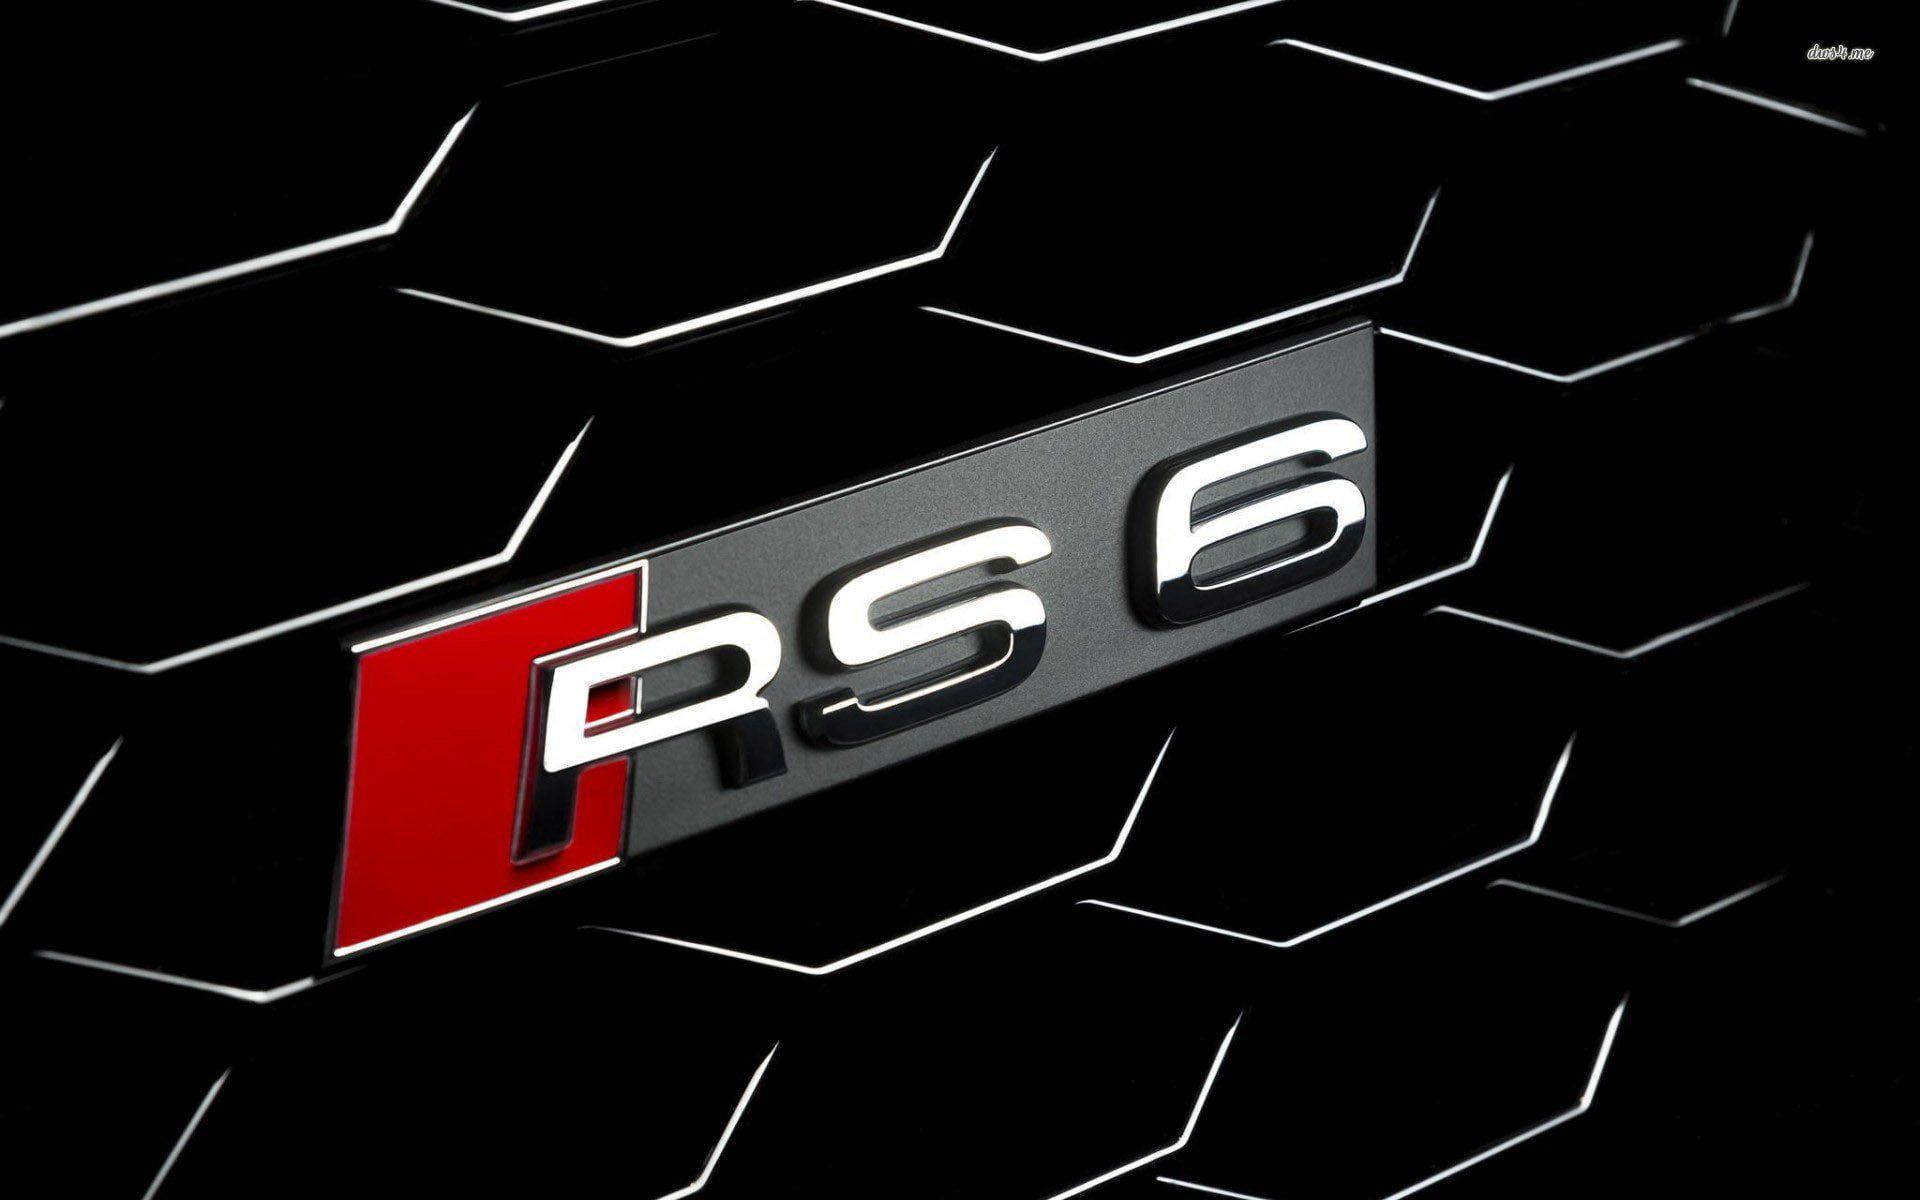 Audi Audi Rs6 Vehicle 1080p Wallpaper Hdwallpaper Desktop Audi Rs6 Audi Hd Wallpaper